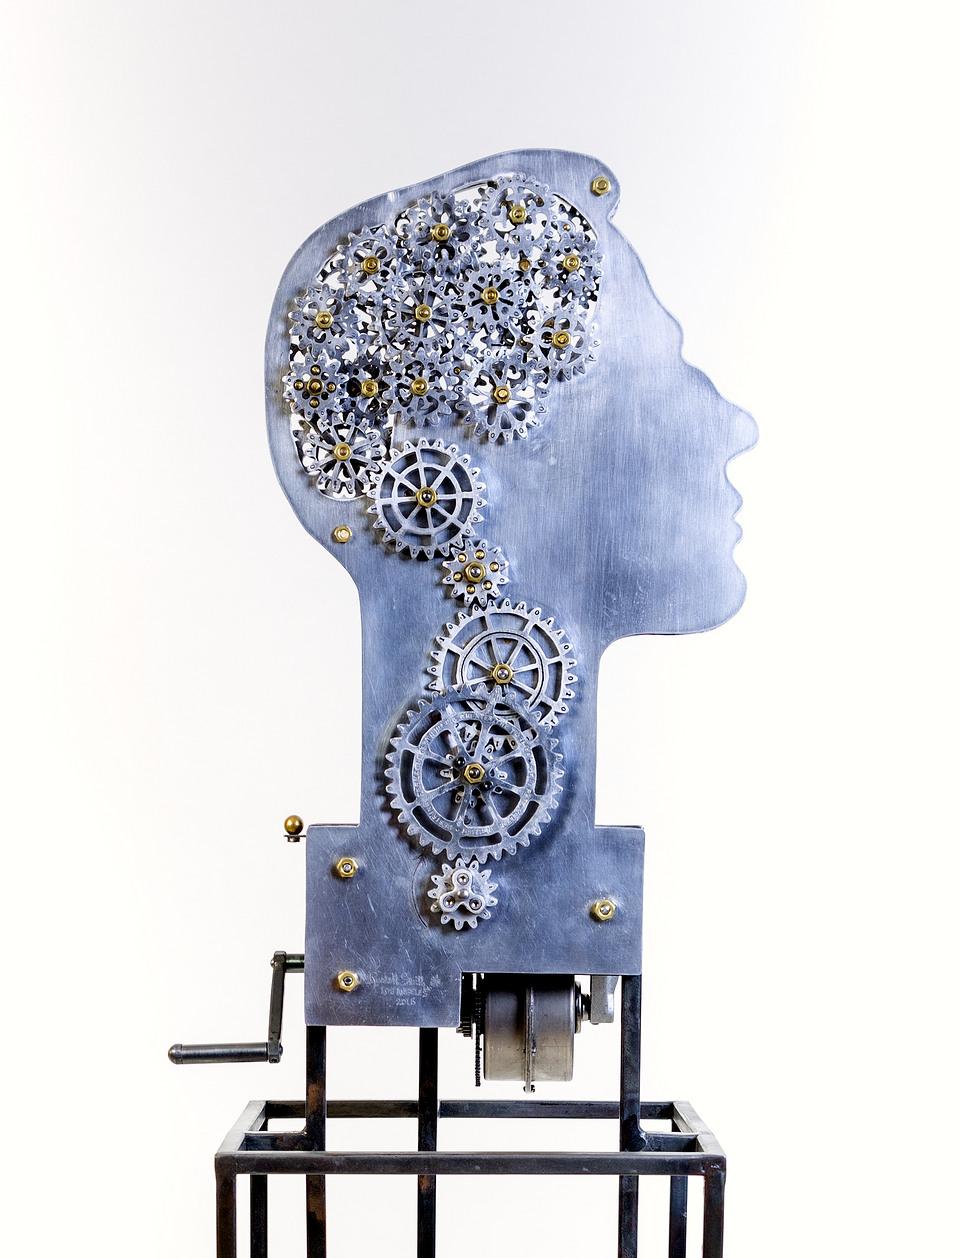 Thinking Creates the Thinker